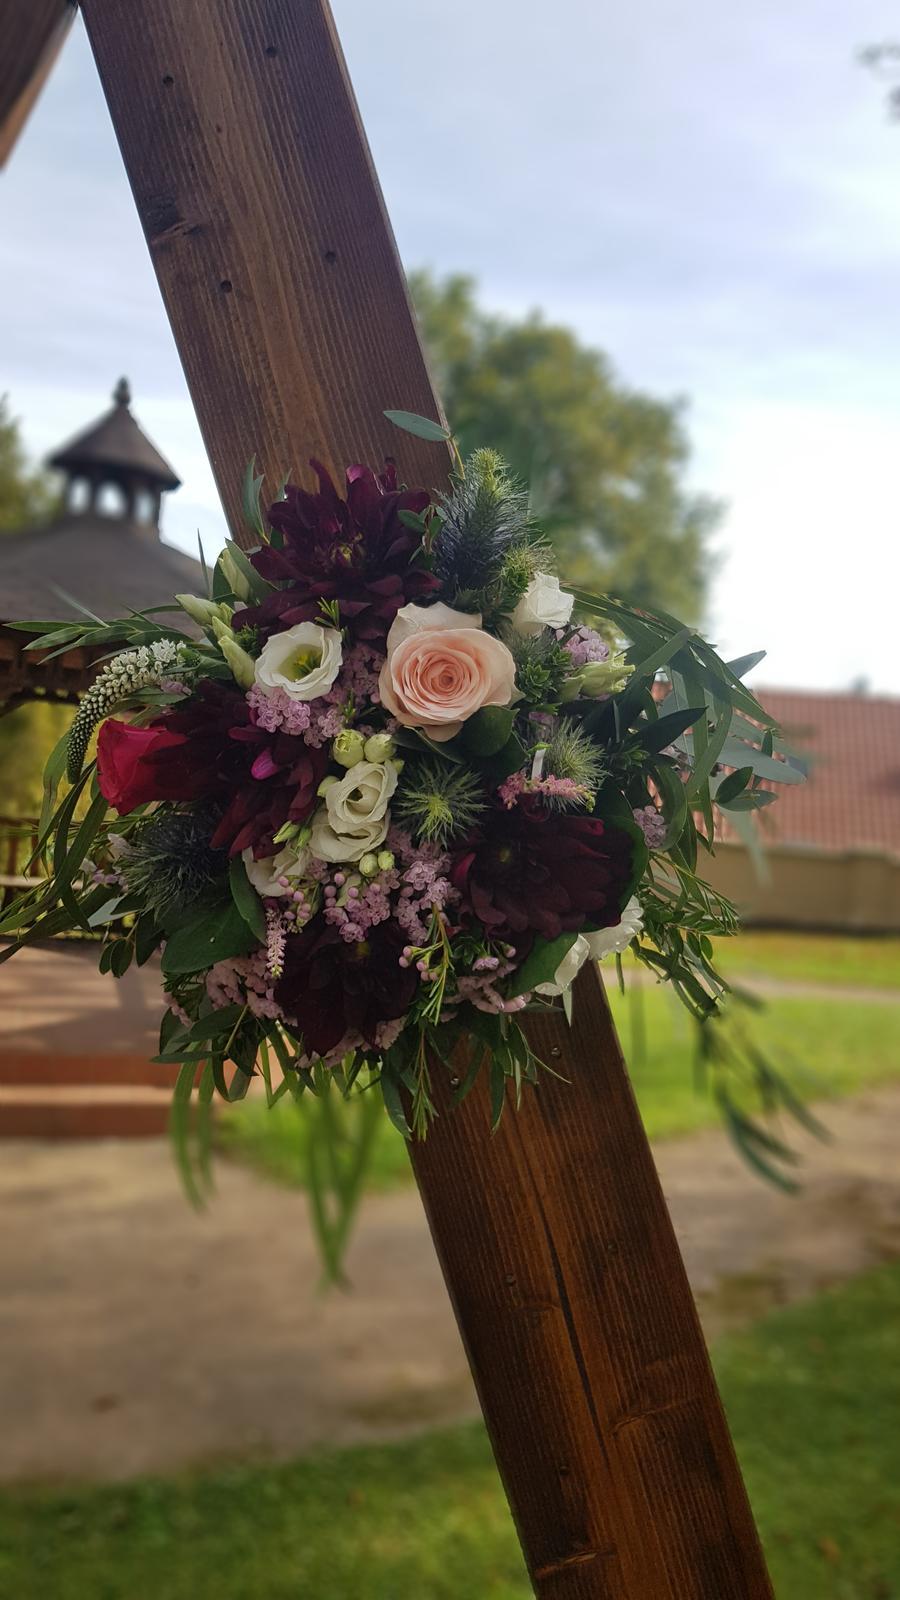 Podzimní svatba ve vínových barvách - Obrázek č. 2